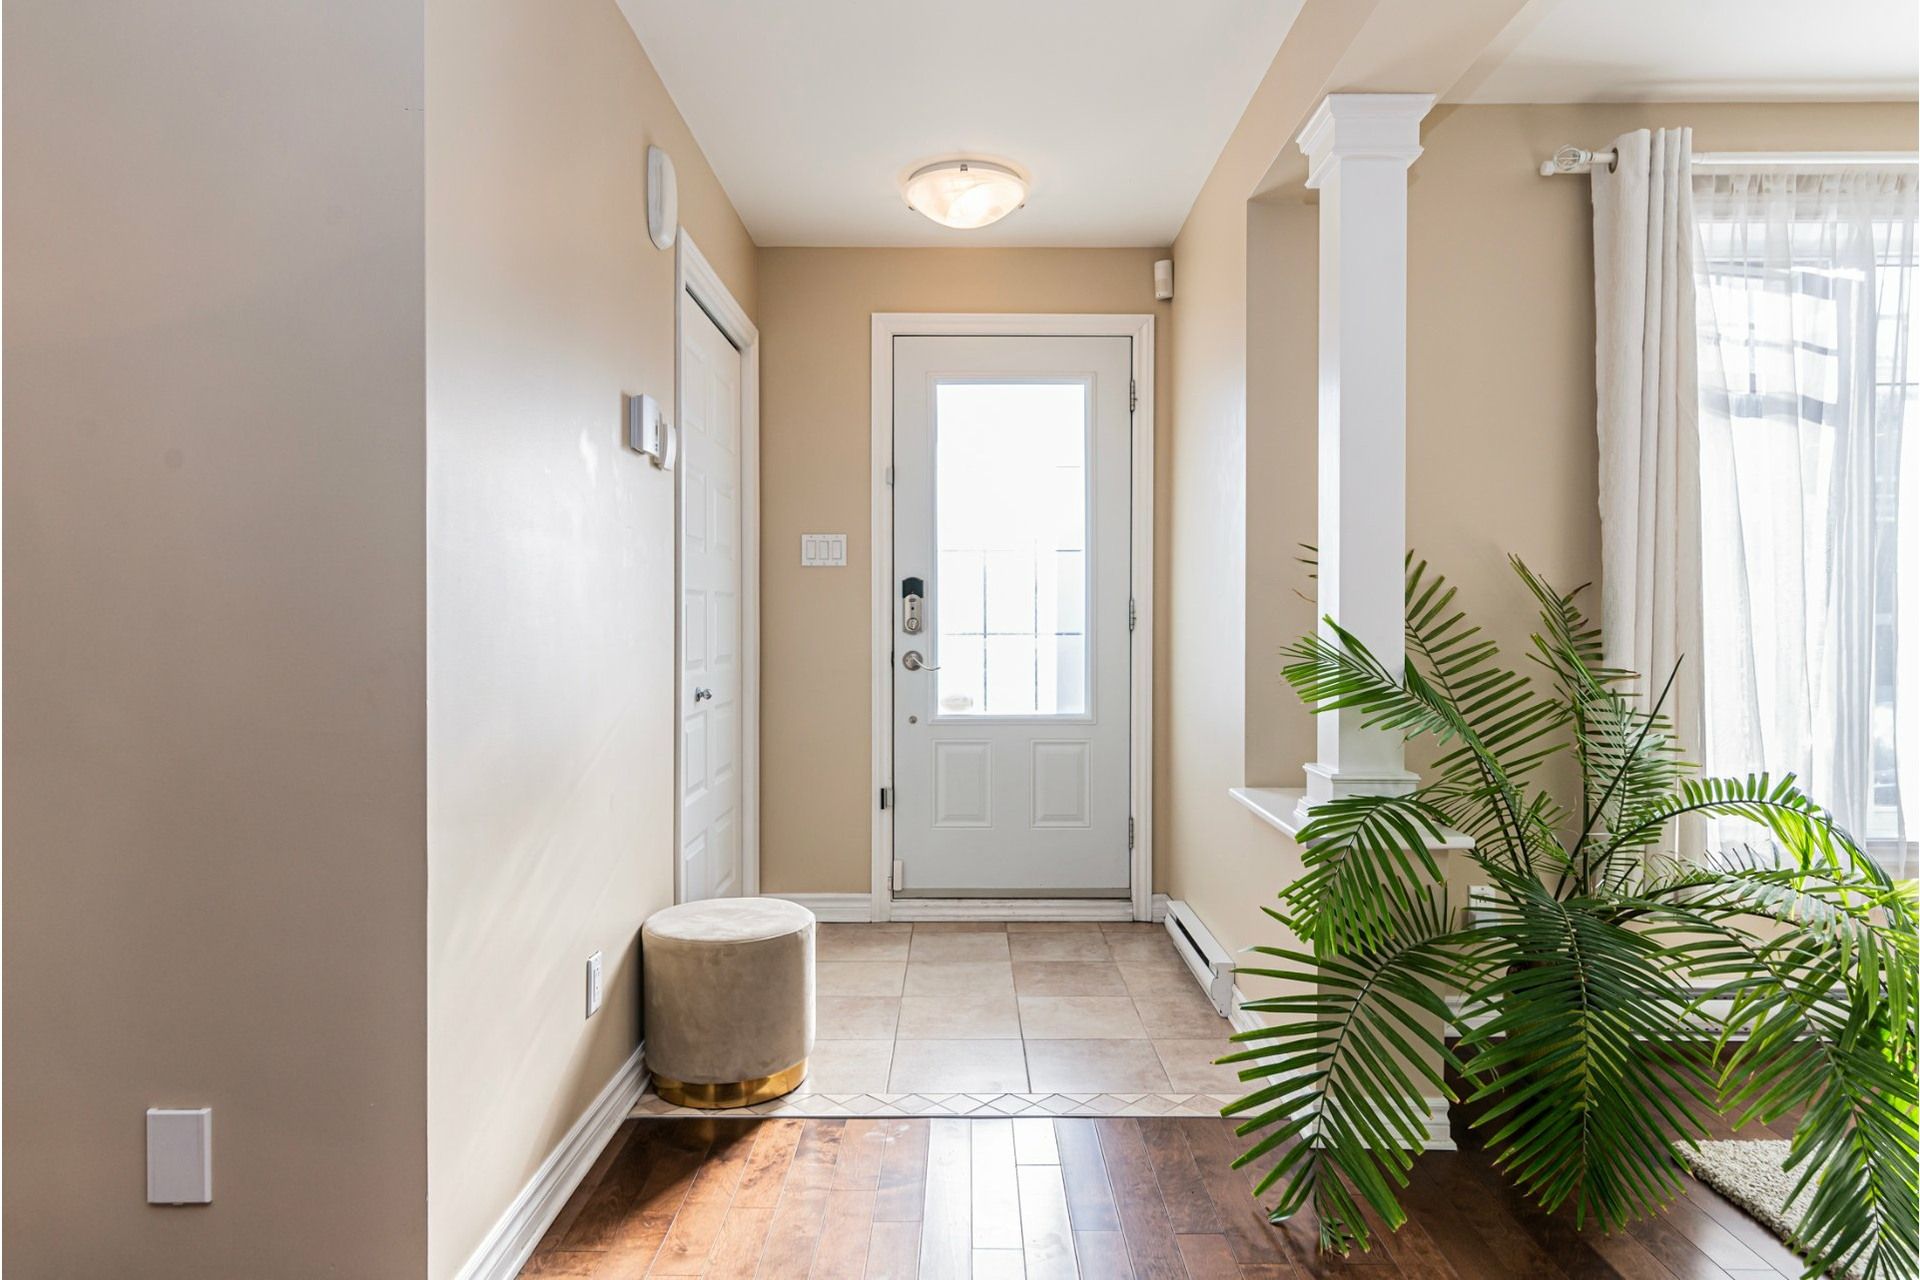 image 4 - Appartement À vendre Lachine Montréal  - 11 pièces